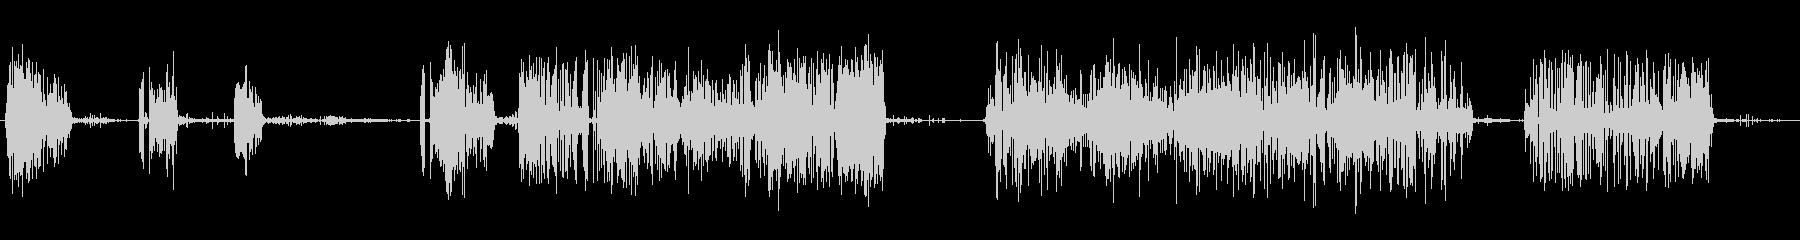 アーク溶接機:さまざまなアークと火花の未再生の波形